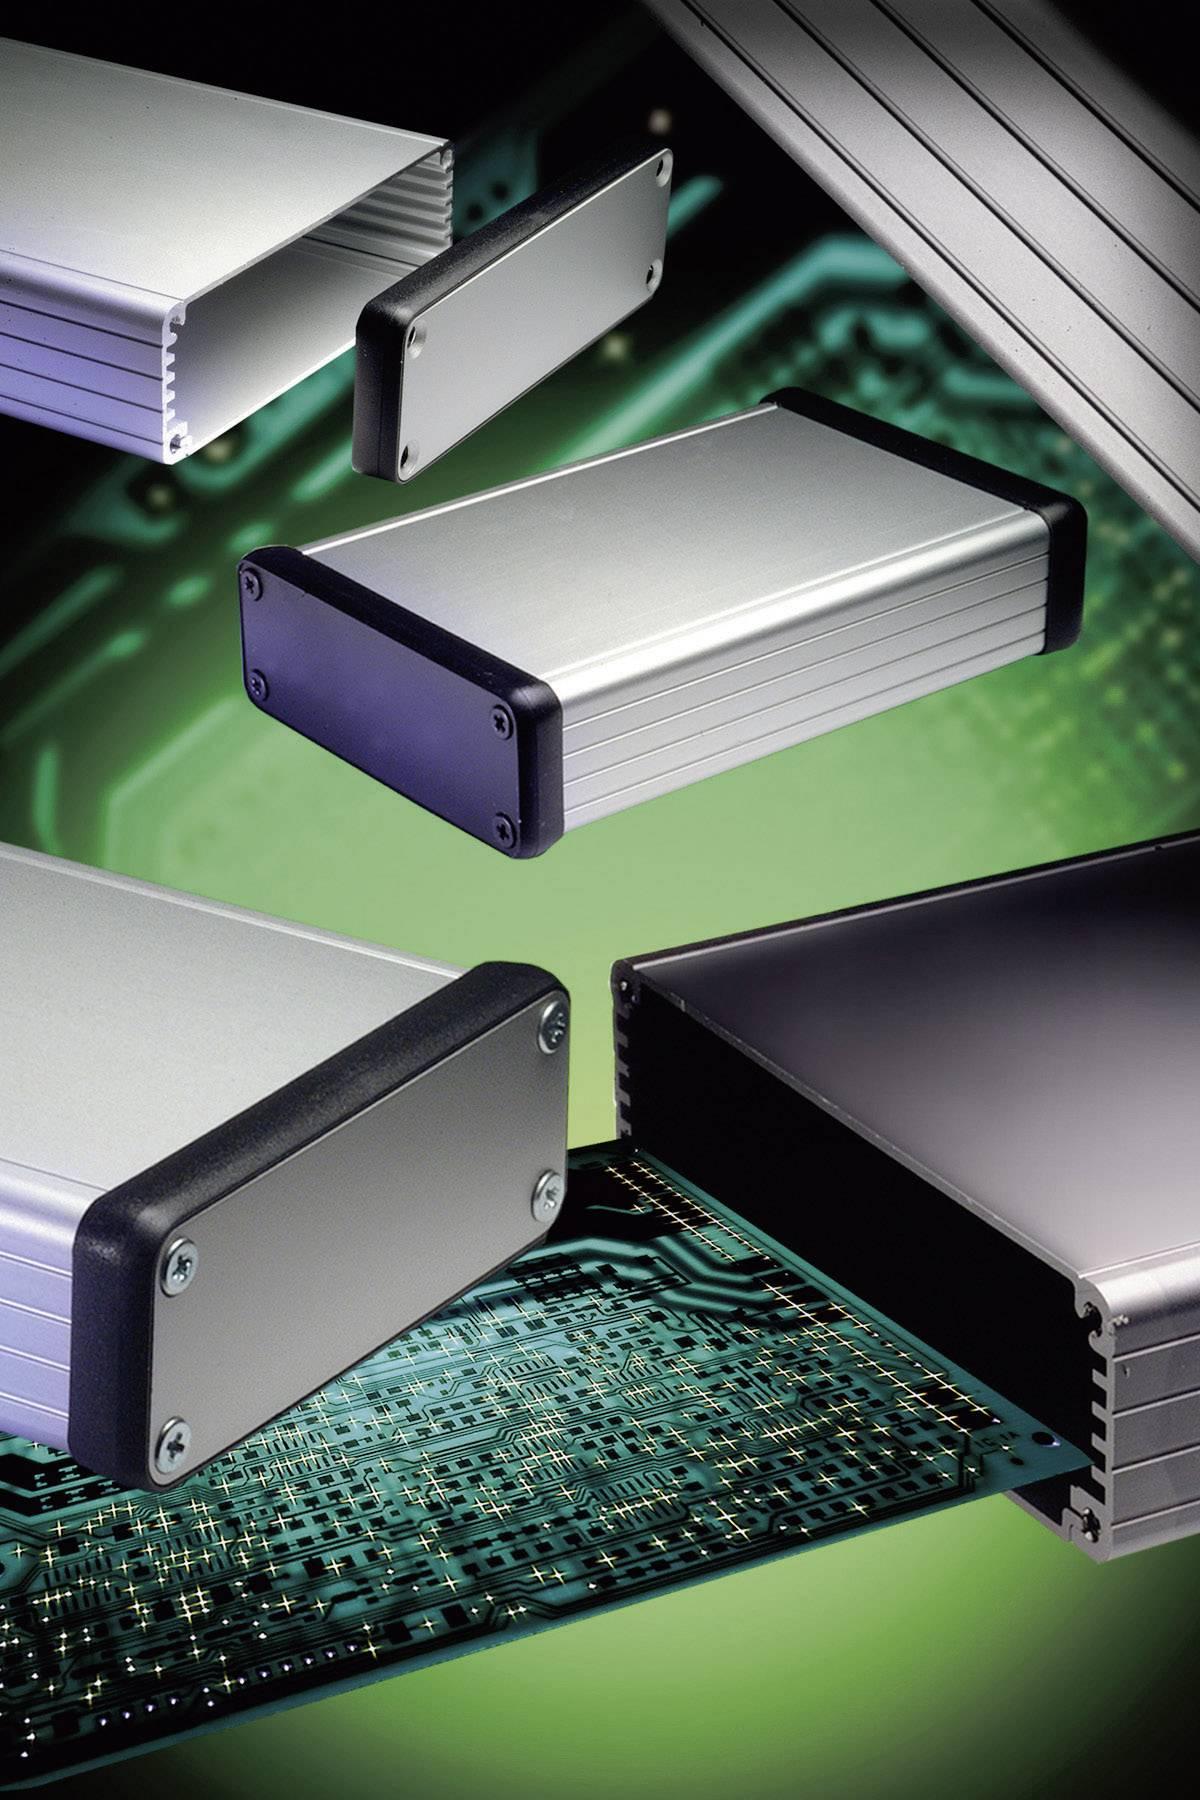 Profilové puzdro Hammond Electronics 1455K1602 1455K1602, 162 x 78 x 43 , hliník, hliník, 1 ks